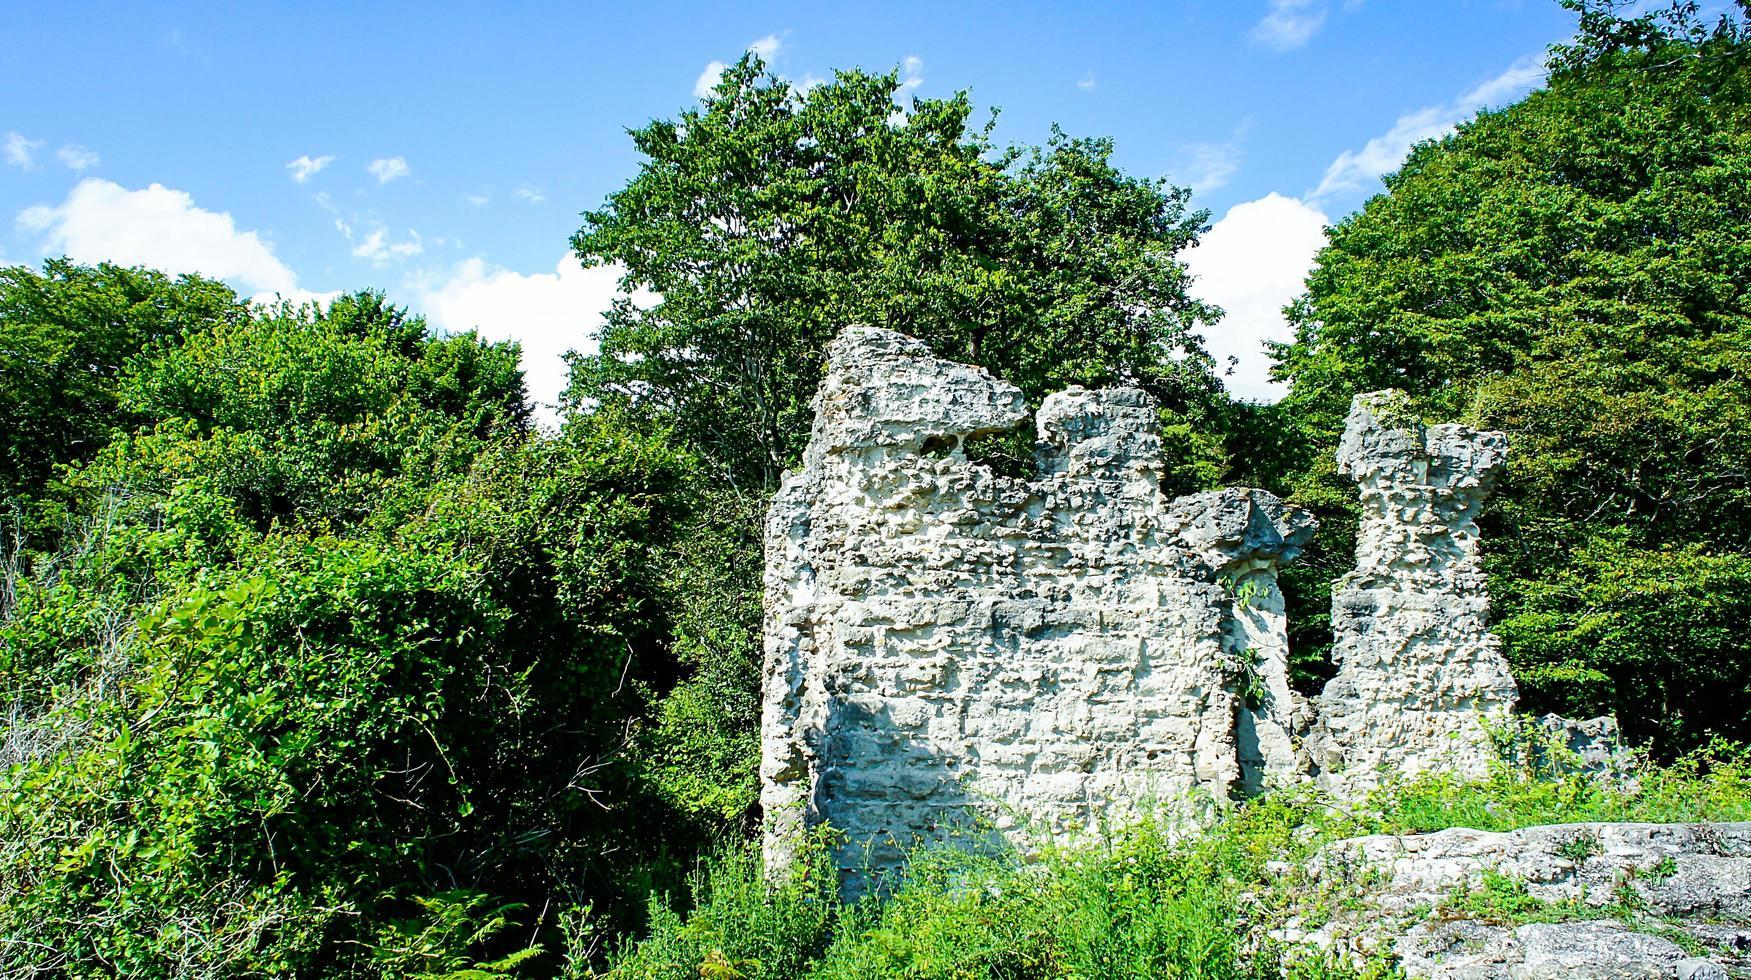 paysage naturel avec des ruines sur fond d'arbres. photo